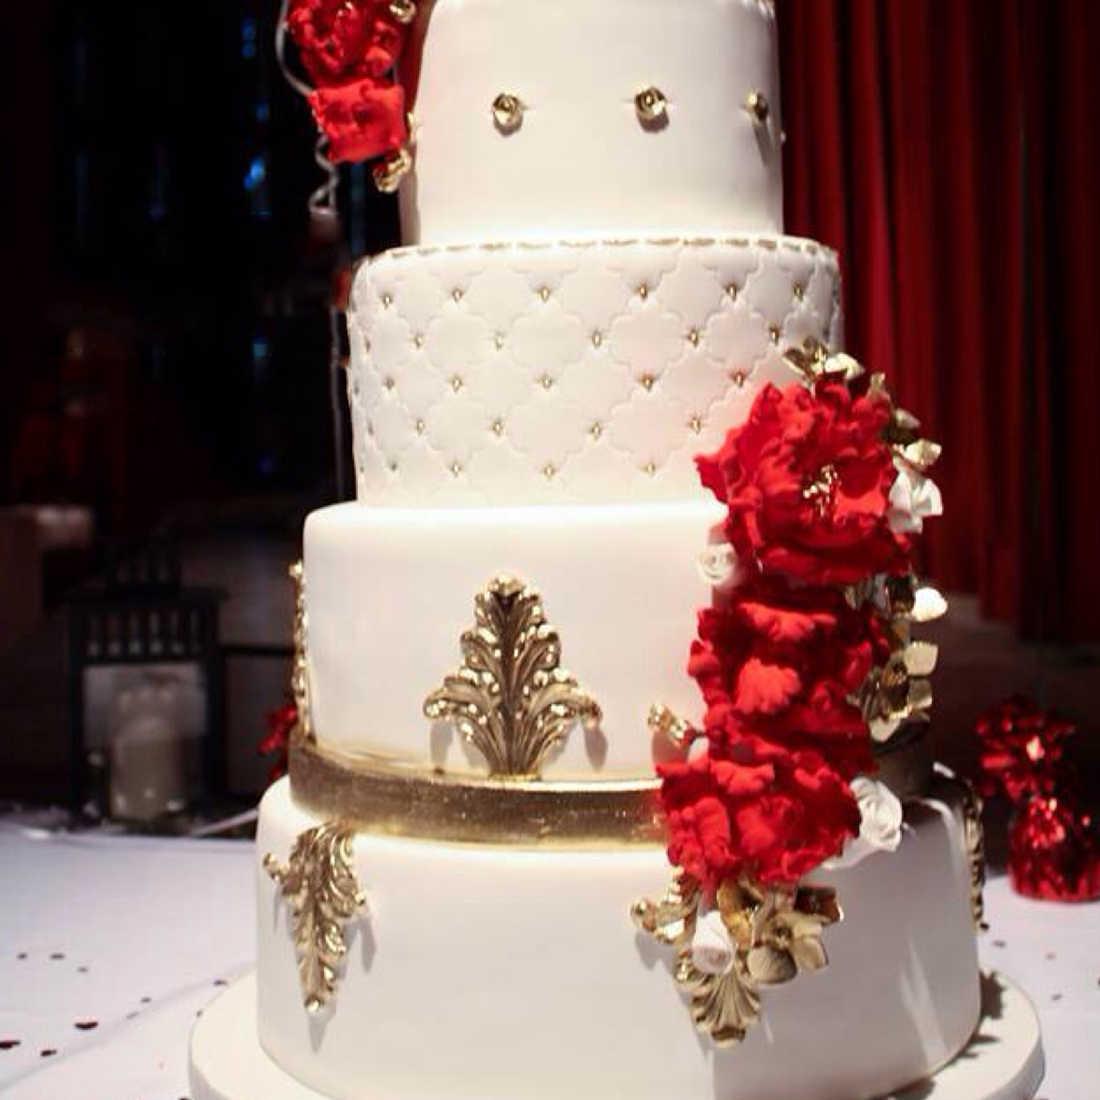 1 قطعة الحدود قالب من السيليكون قالب فندان أدوات تزيين الكعكة الشوكولاته معجون اللبان قالب أدوات تزيين الكعكة